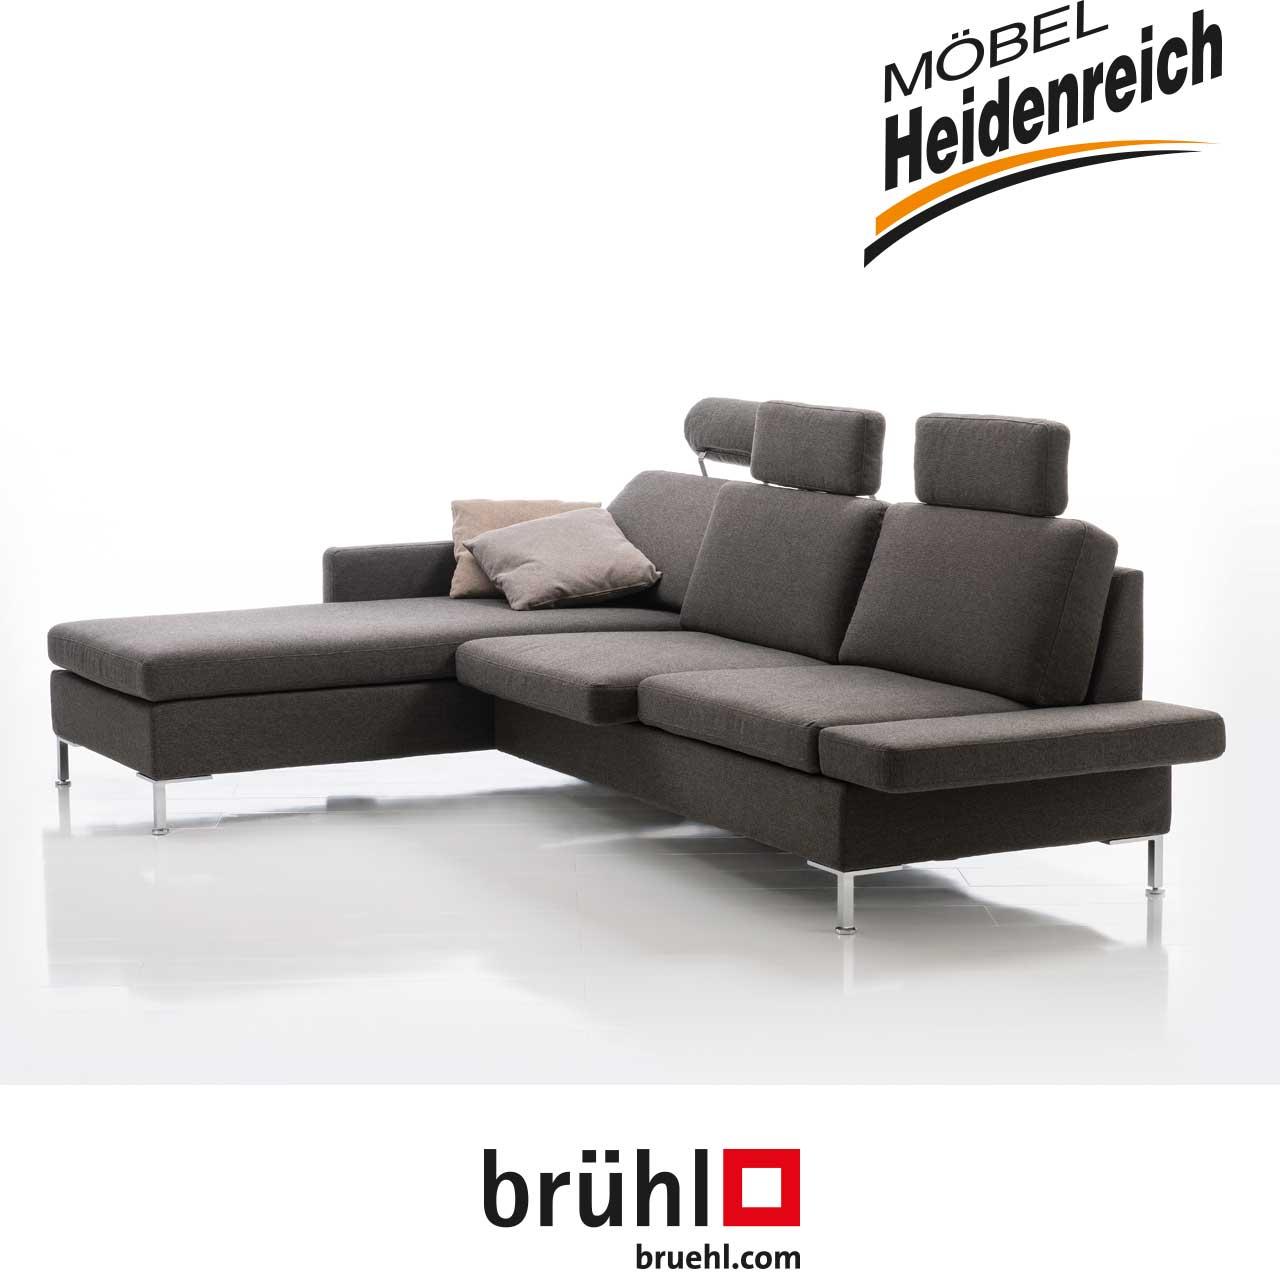 br hl sofa alba m bel heidenreich. Black Bedroom Furniture Sets. Home Design Ideas